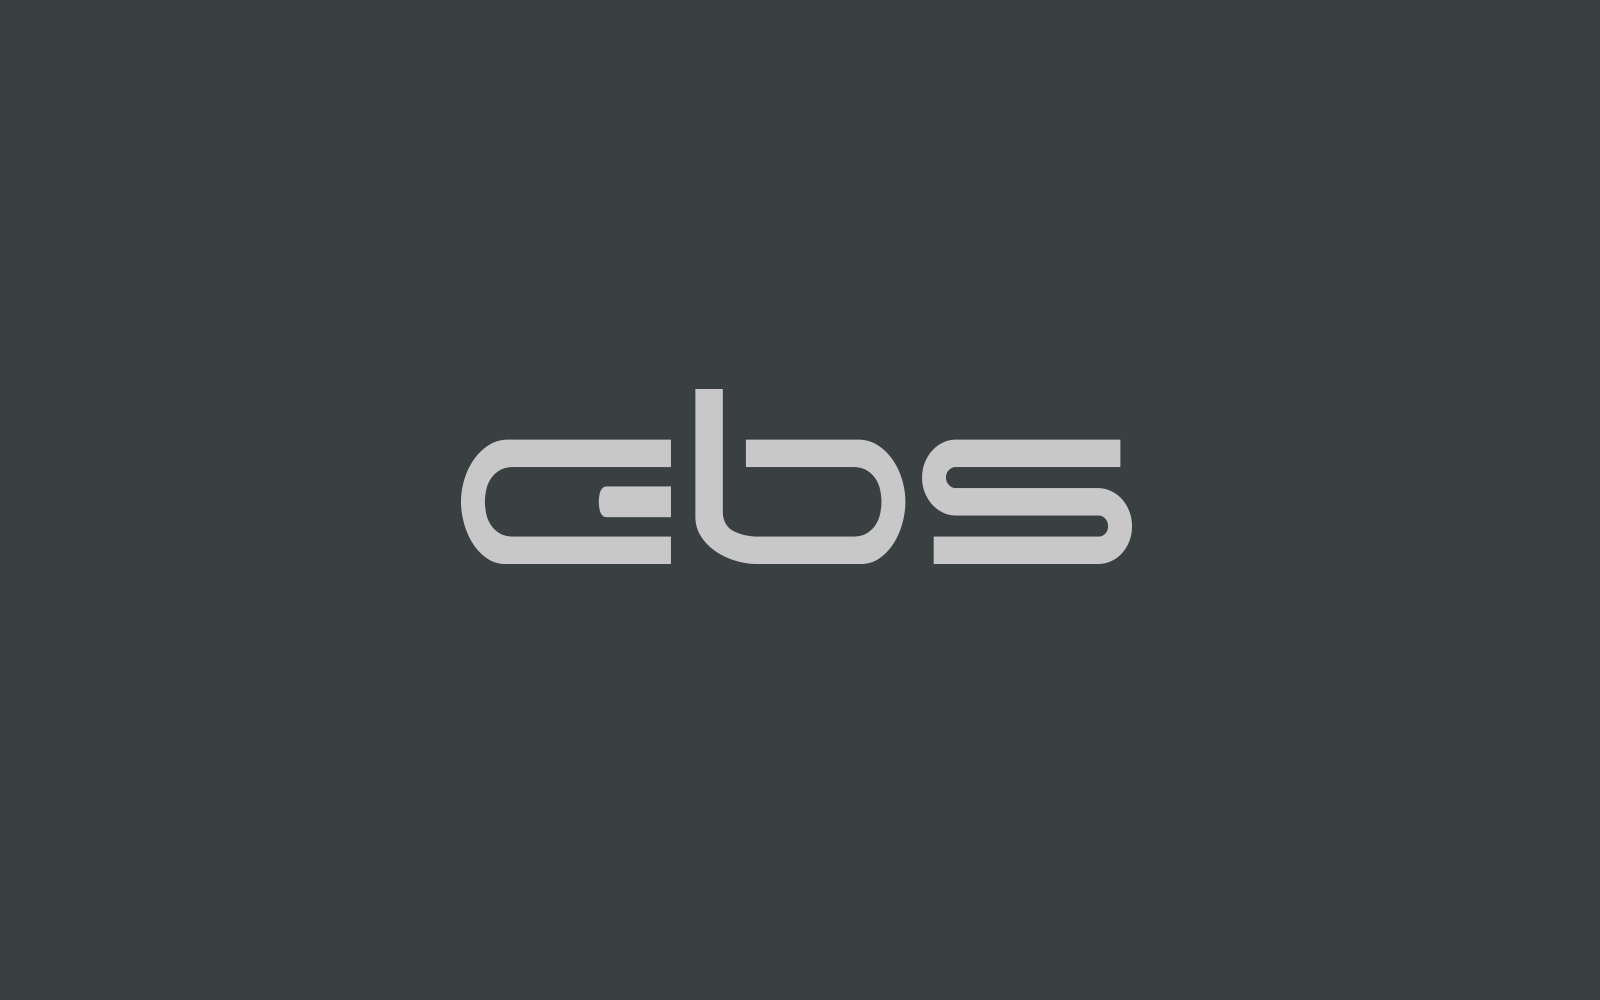 logo_1600p_cbs